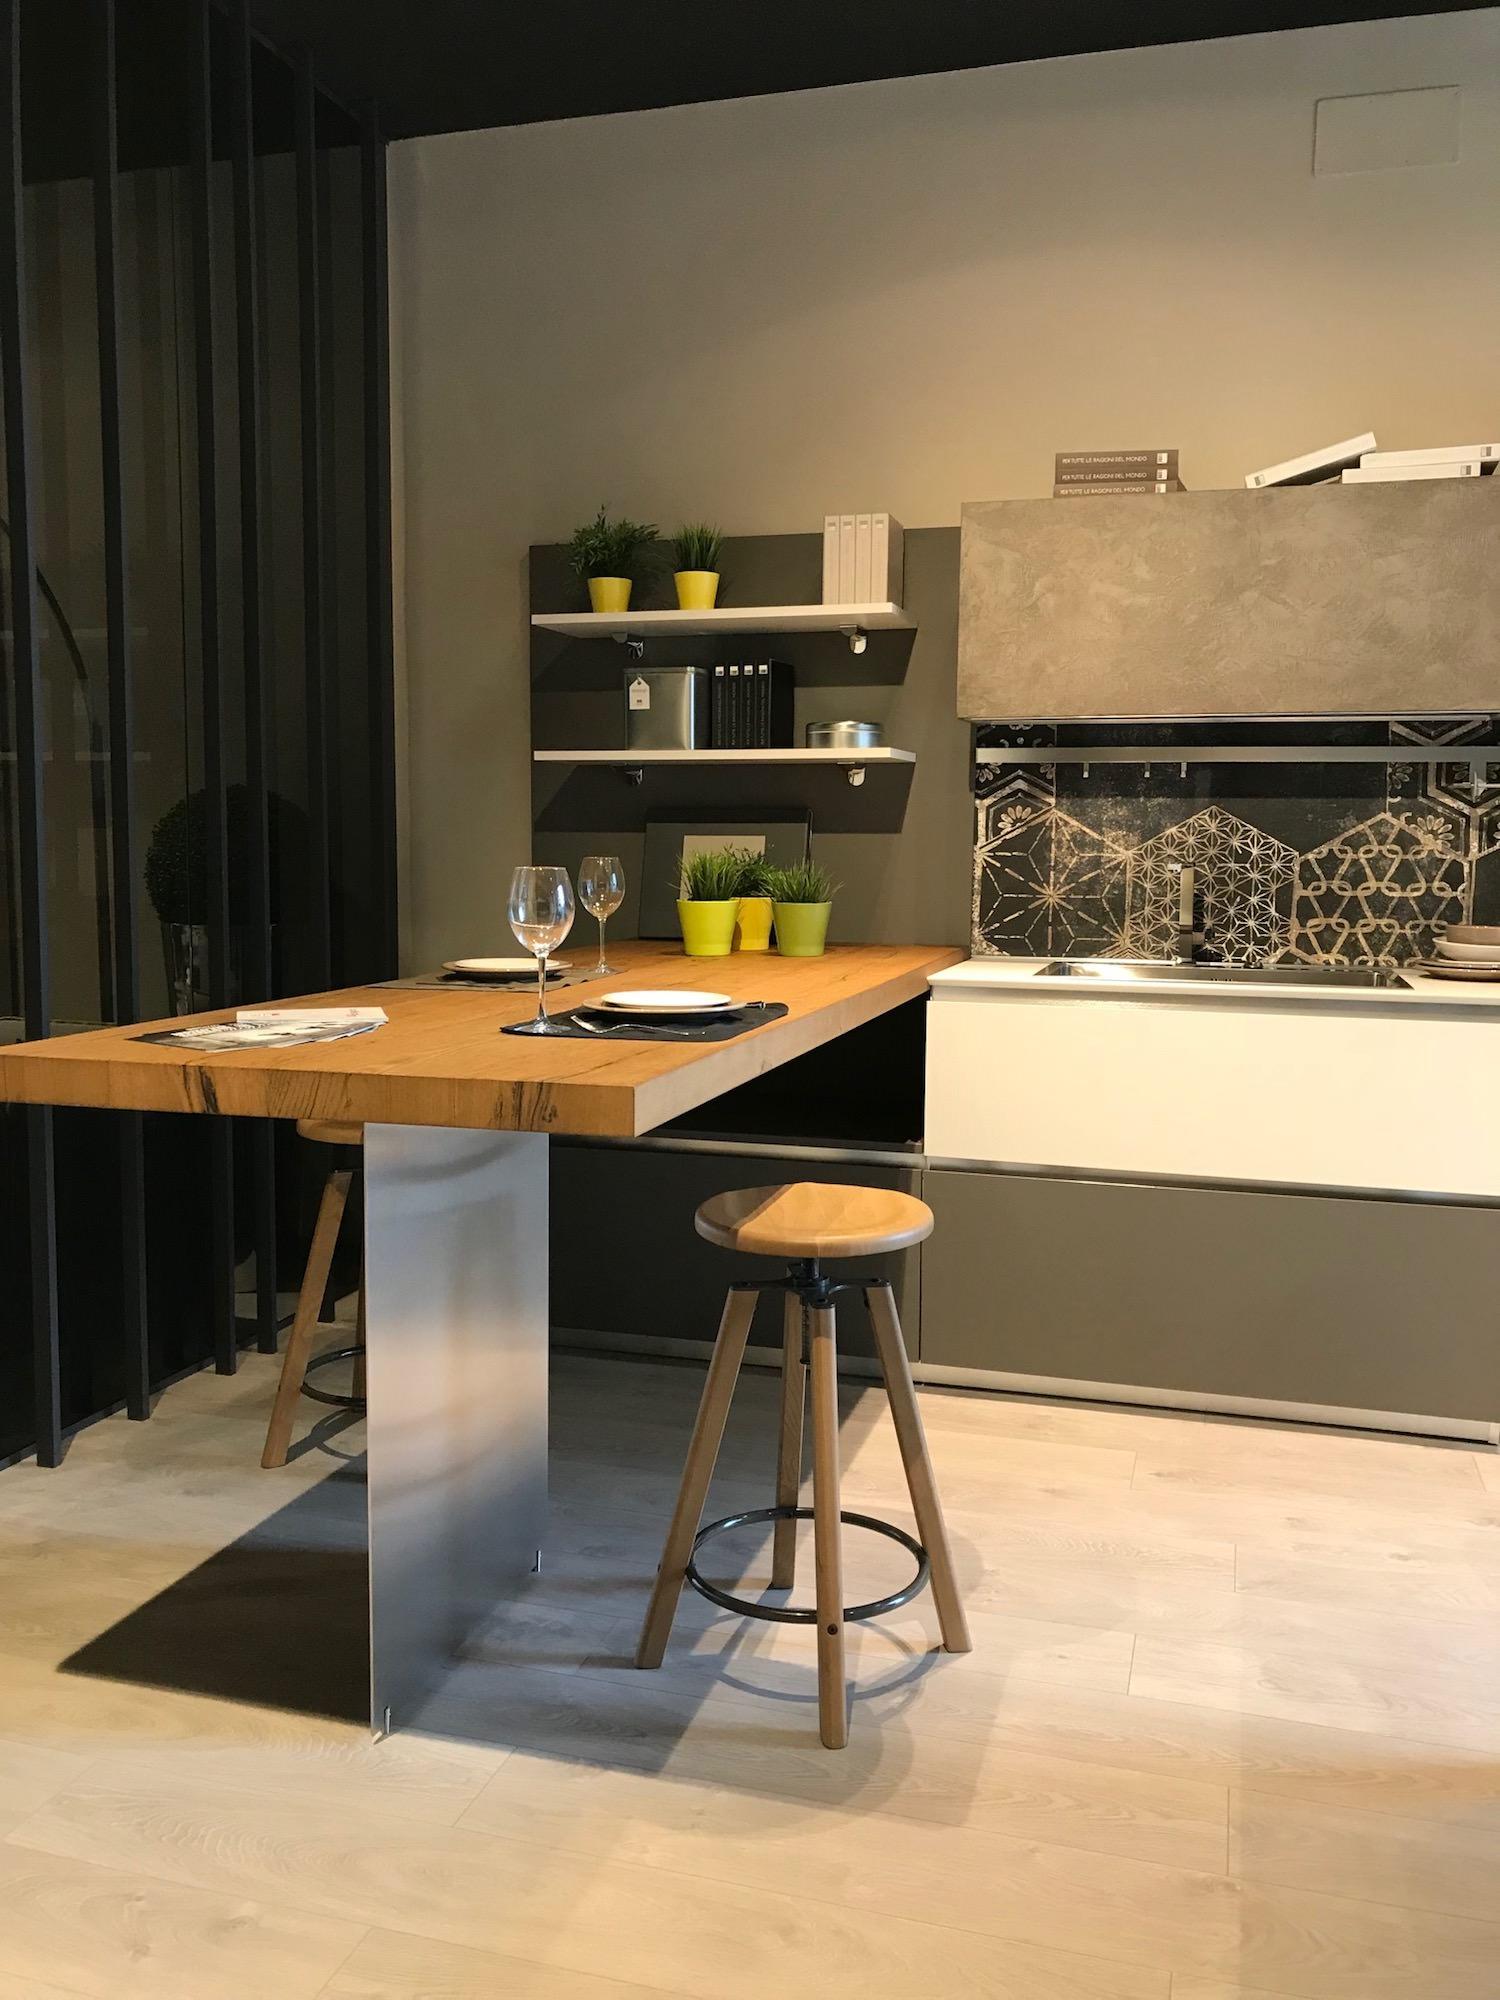 Cucina lube oltre in fenix e malta rafaschieri arredamenti - Cucina lube oltre ...